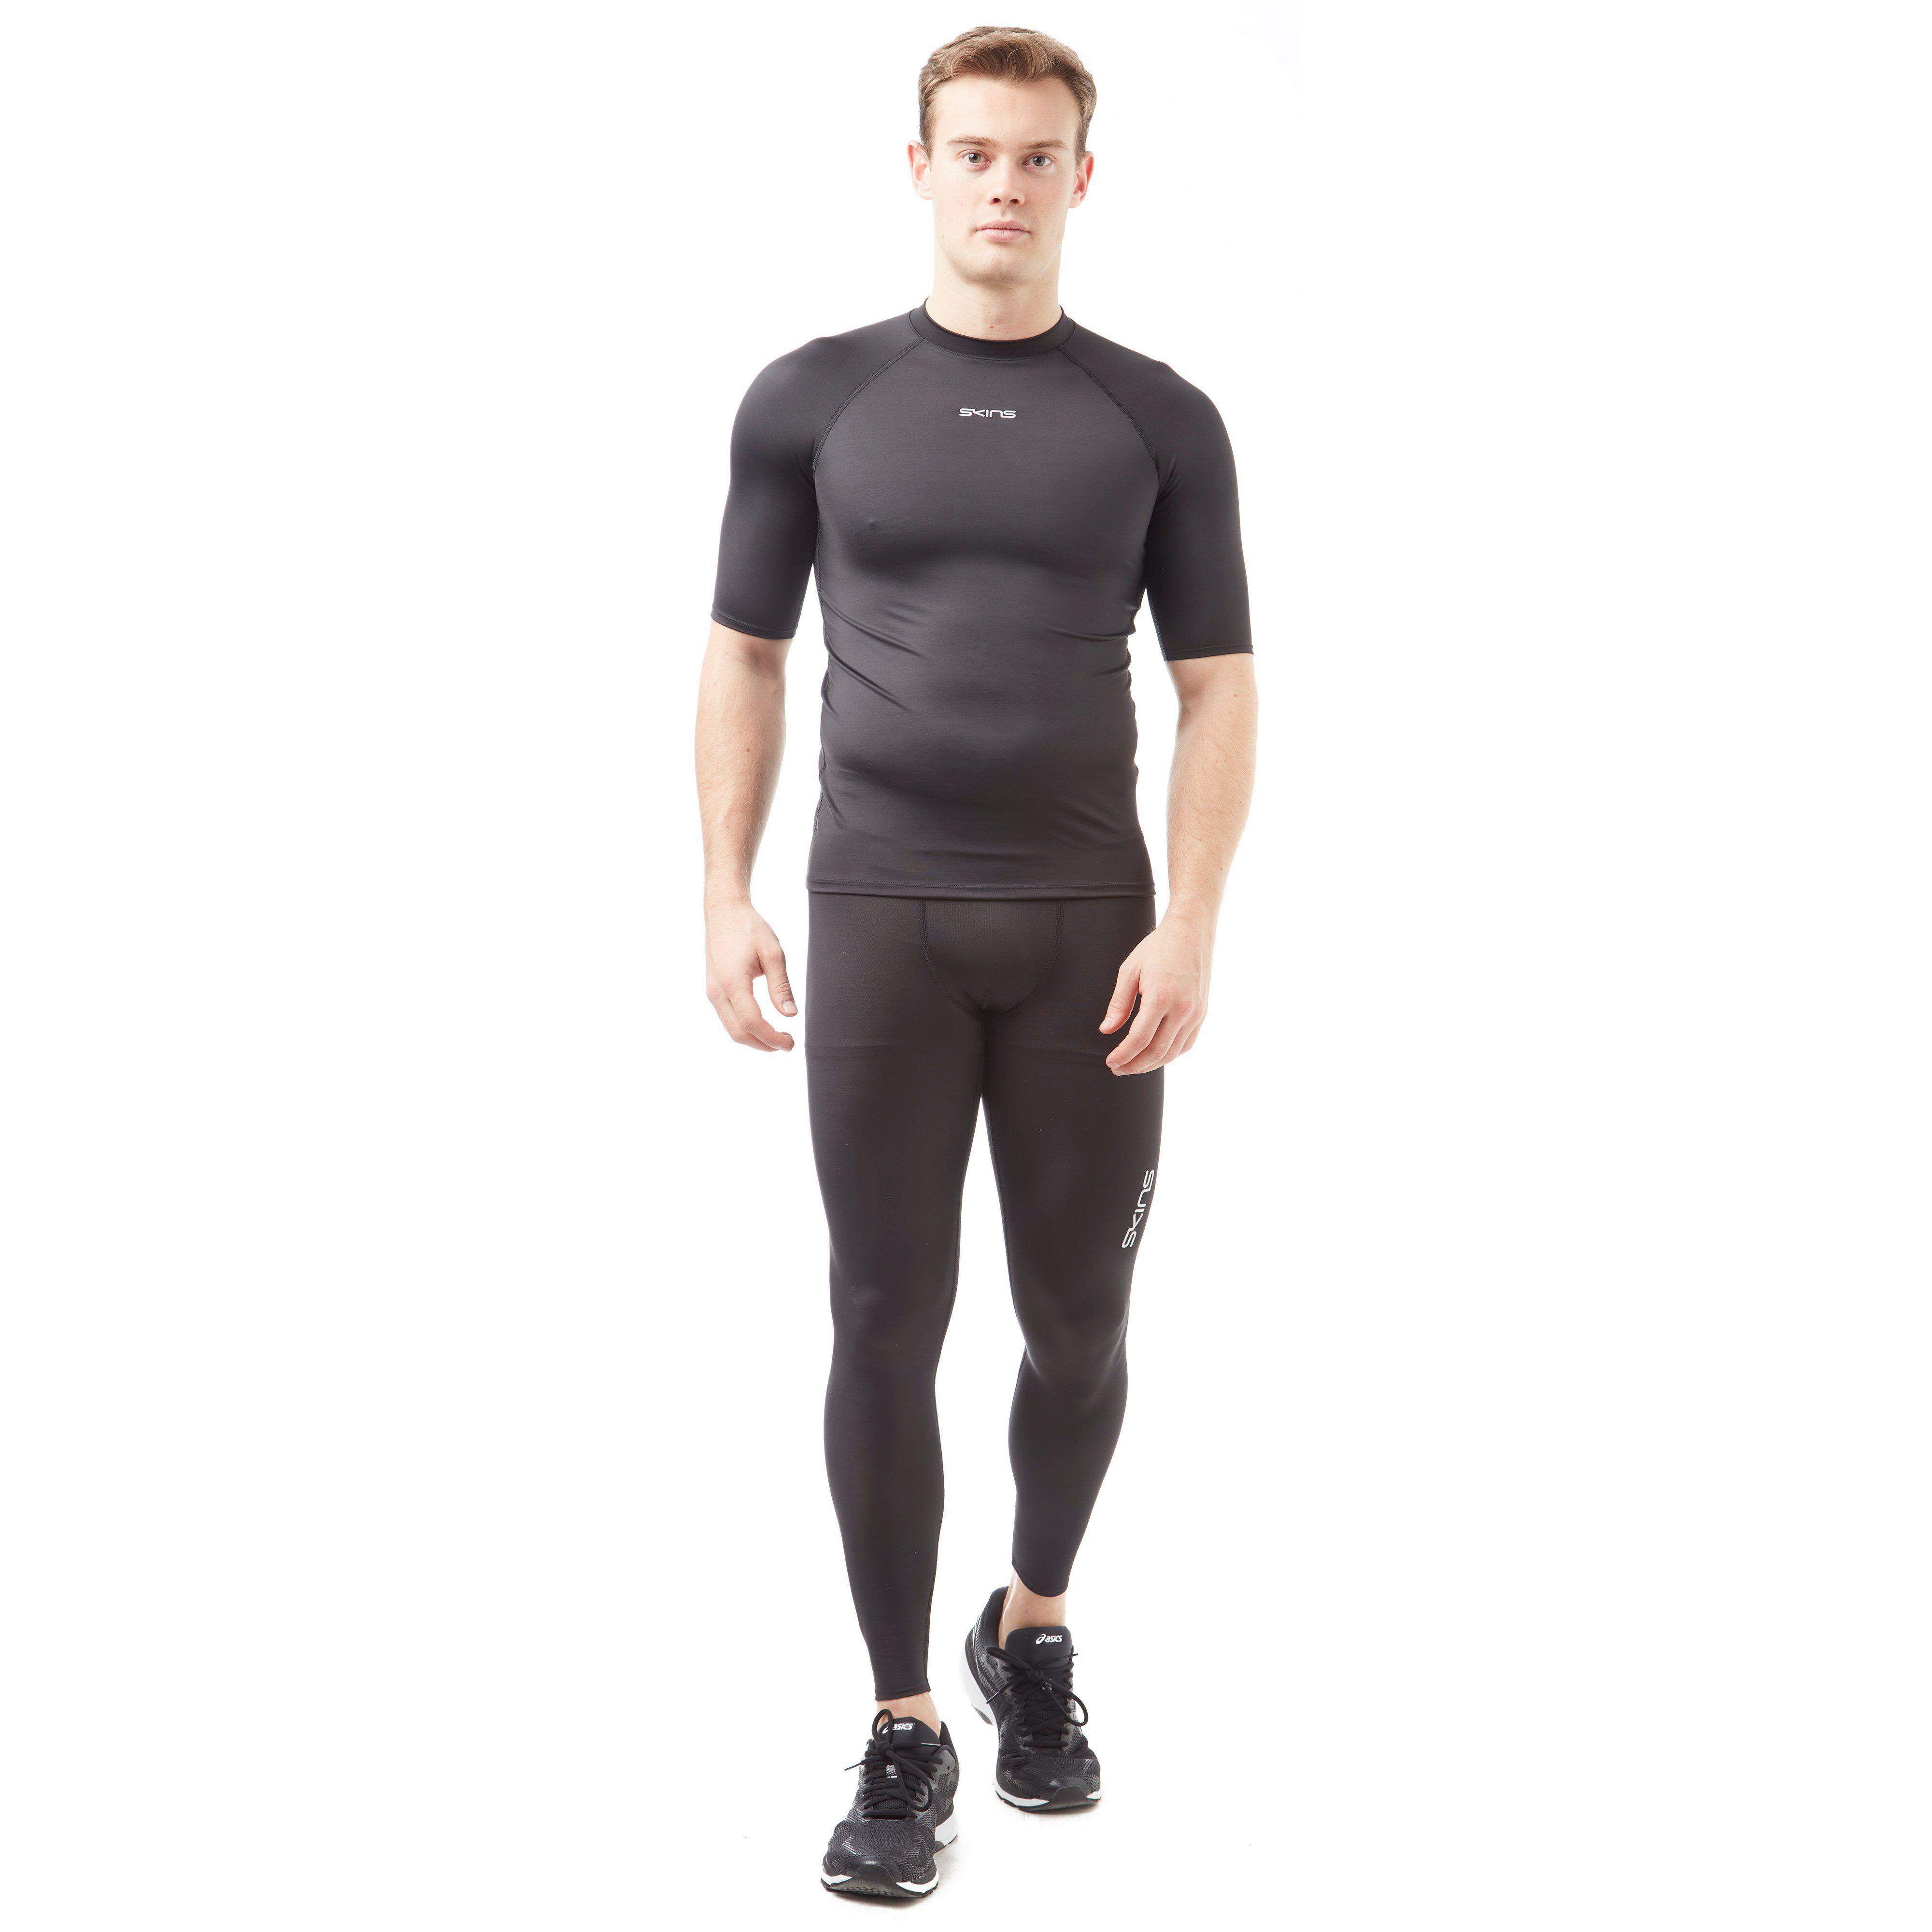 Skins DNAMIC FORCE Short Sleeve Men's Compression Top